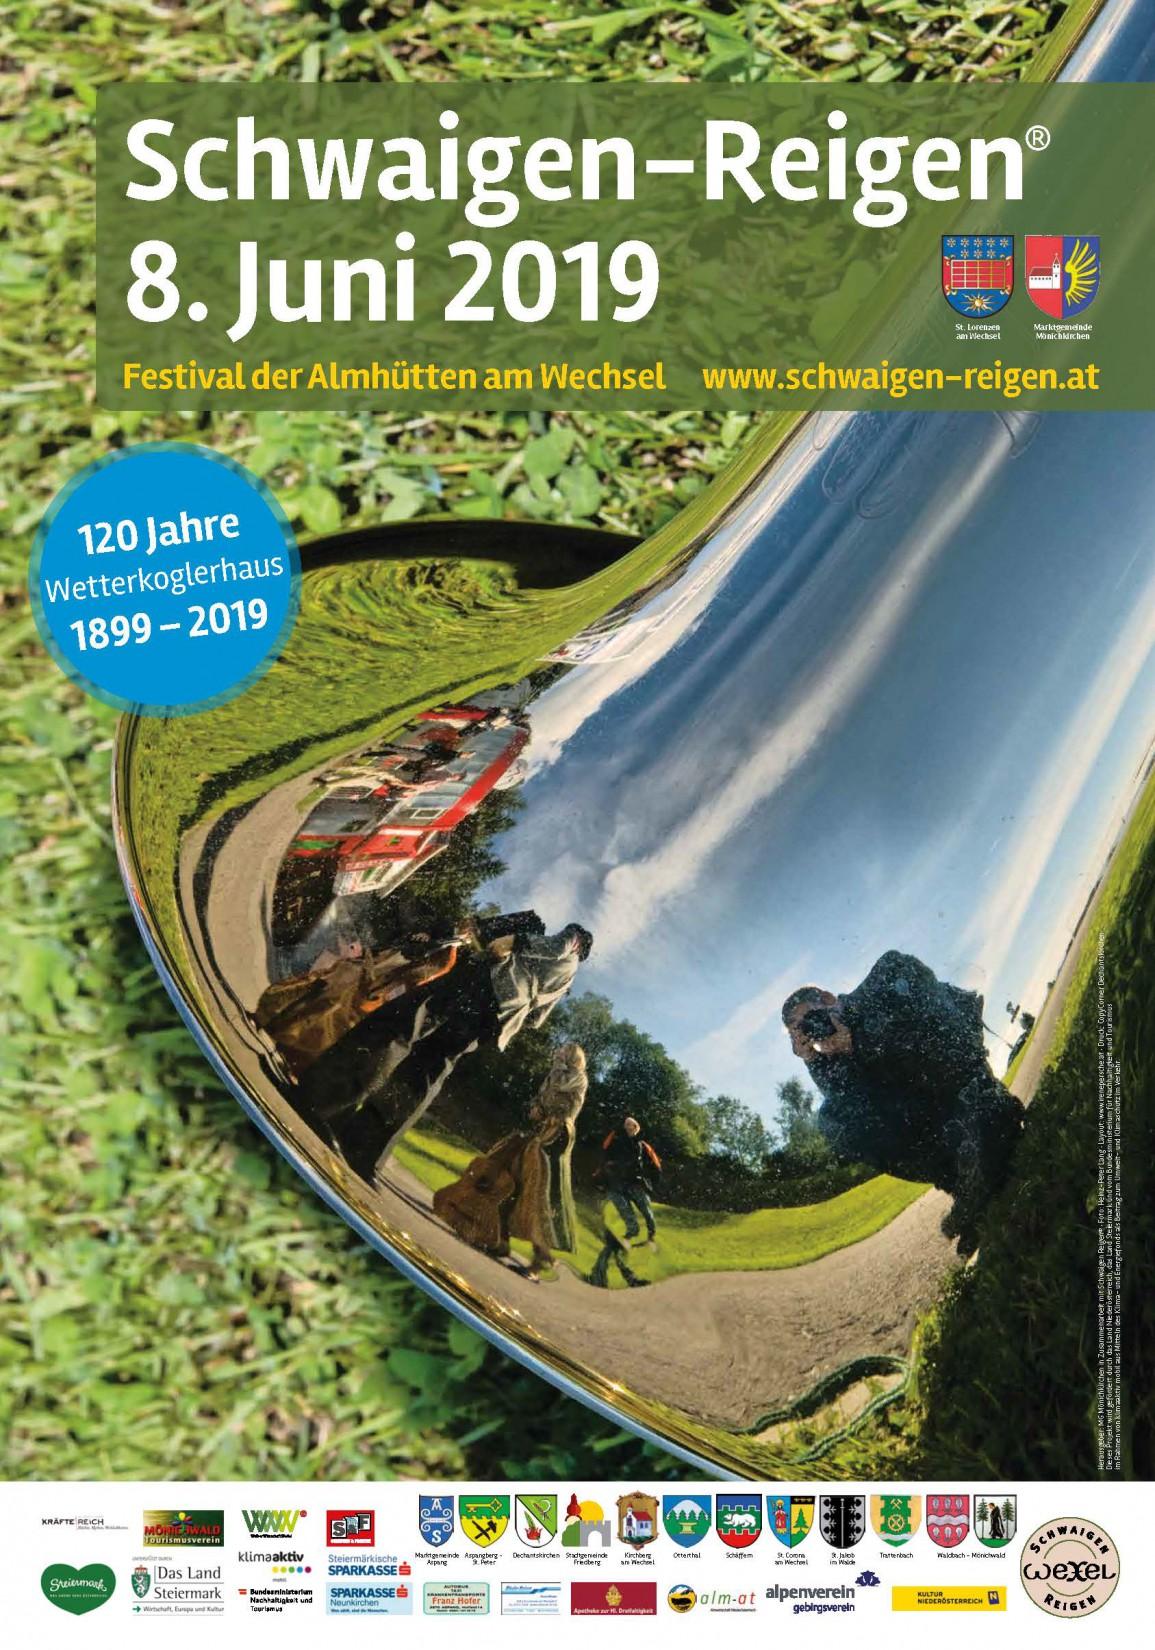 Schwaigen-Reigen 2019